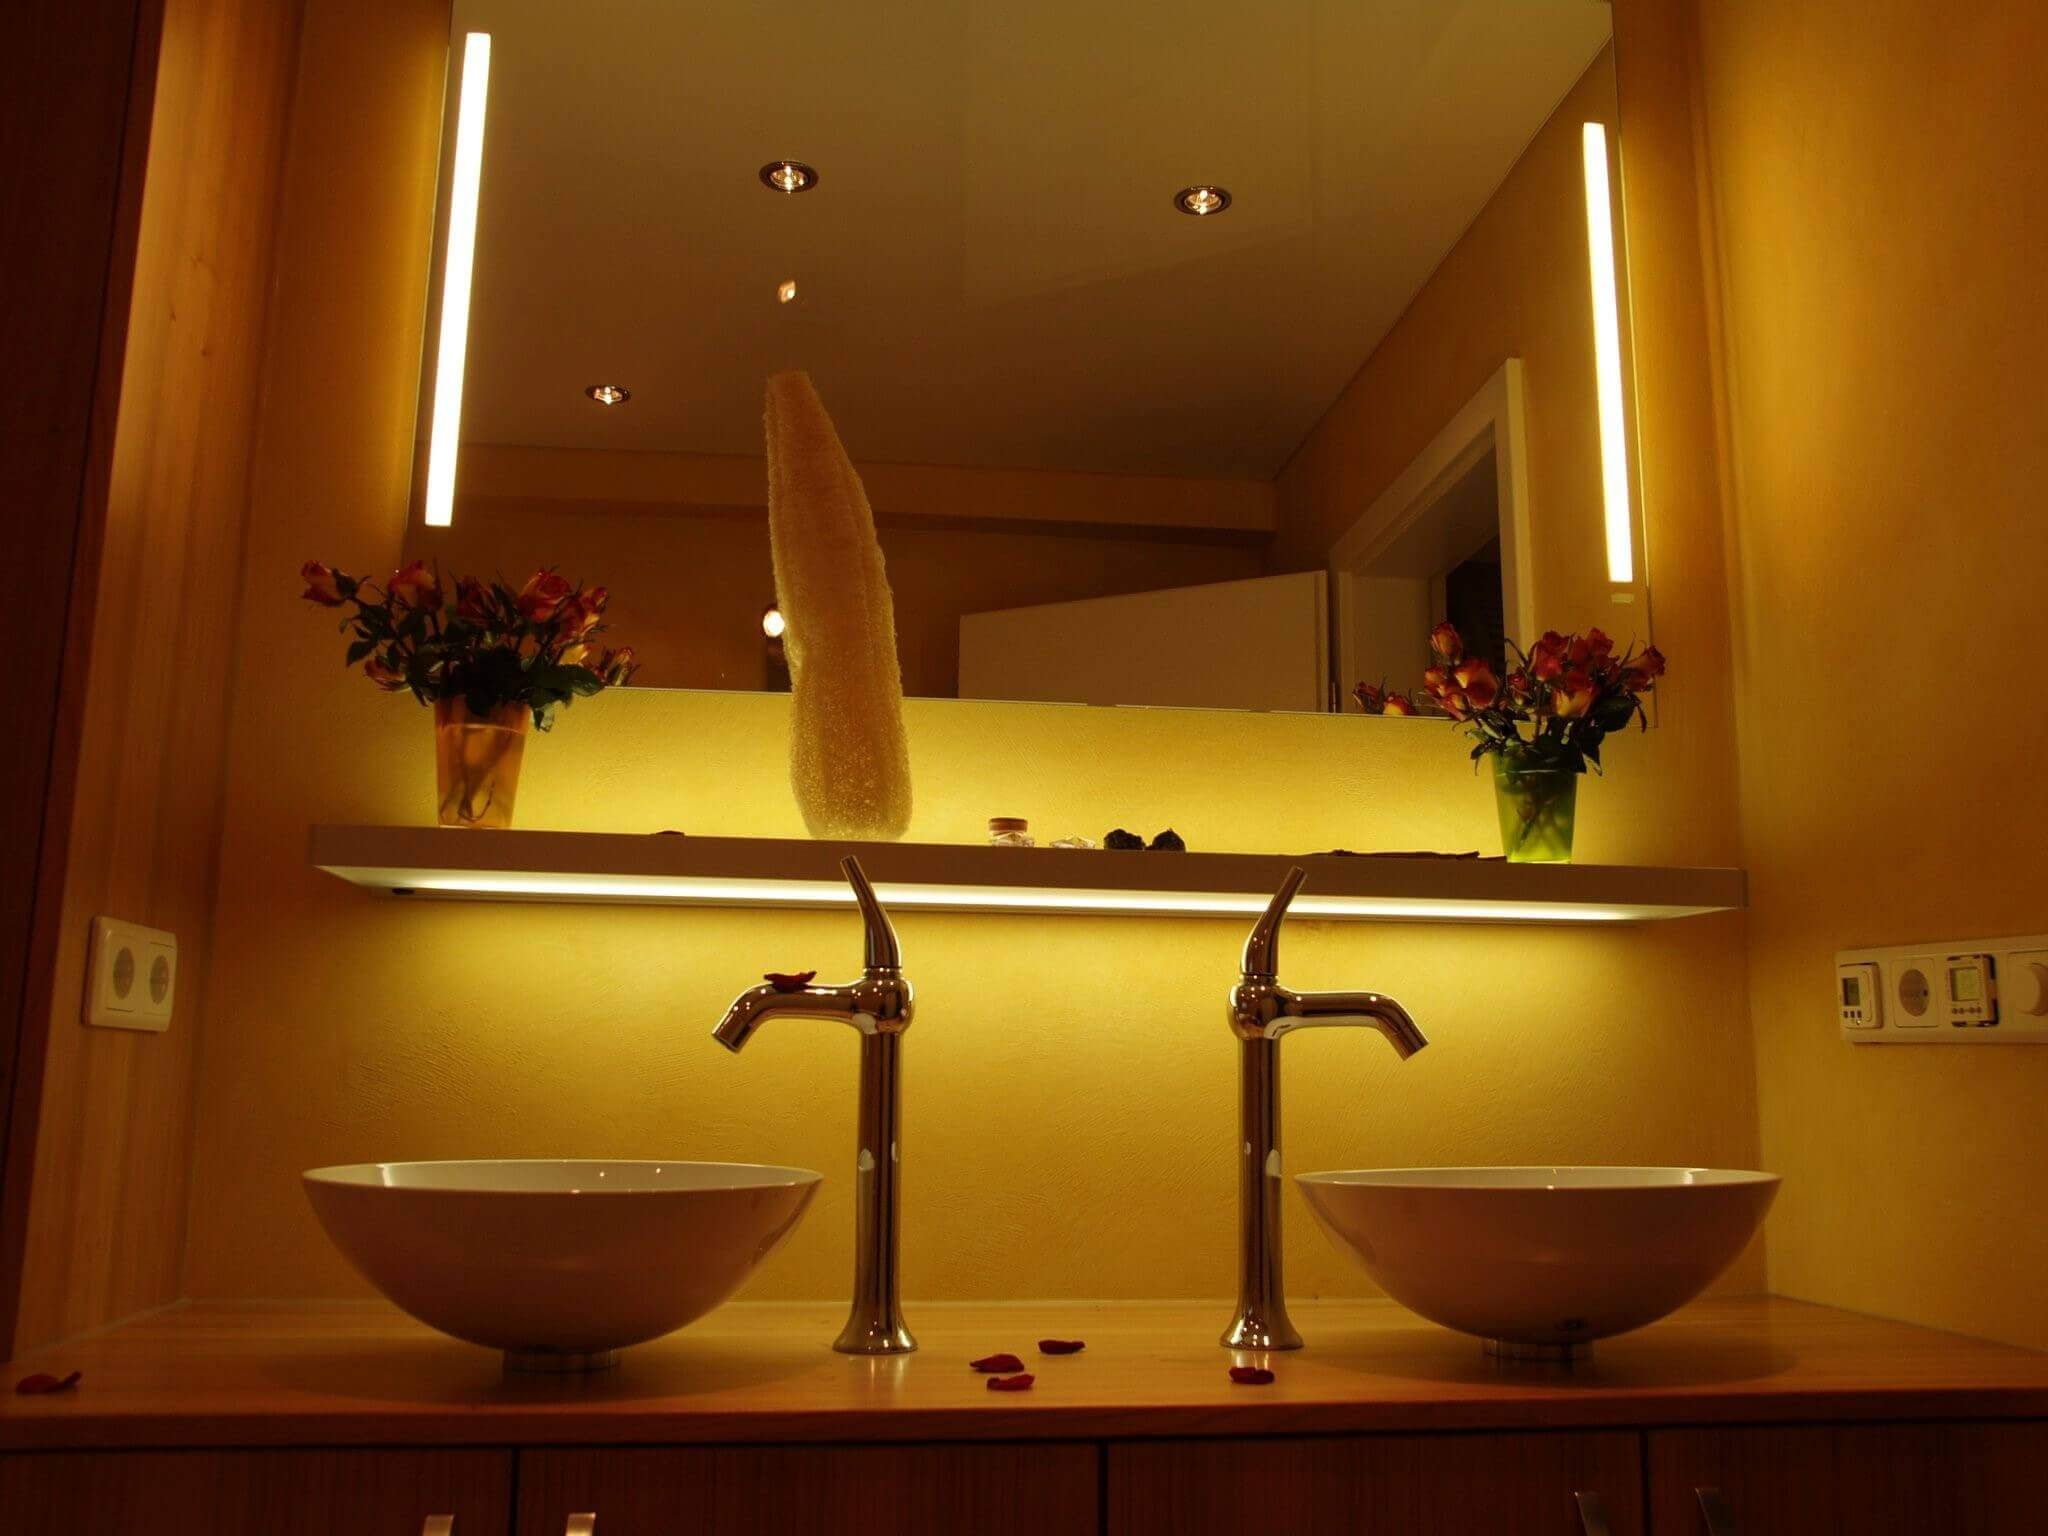 Wundervoll Mediterrane Baeder Mit Meiner Unterstützung Als Interieurdesigner Und  Lichtplaner Planen Wir Gemeinsam Kleine Exklusive Bäder,. Mediterrane  Badezimmer